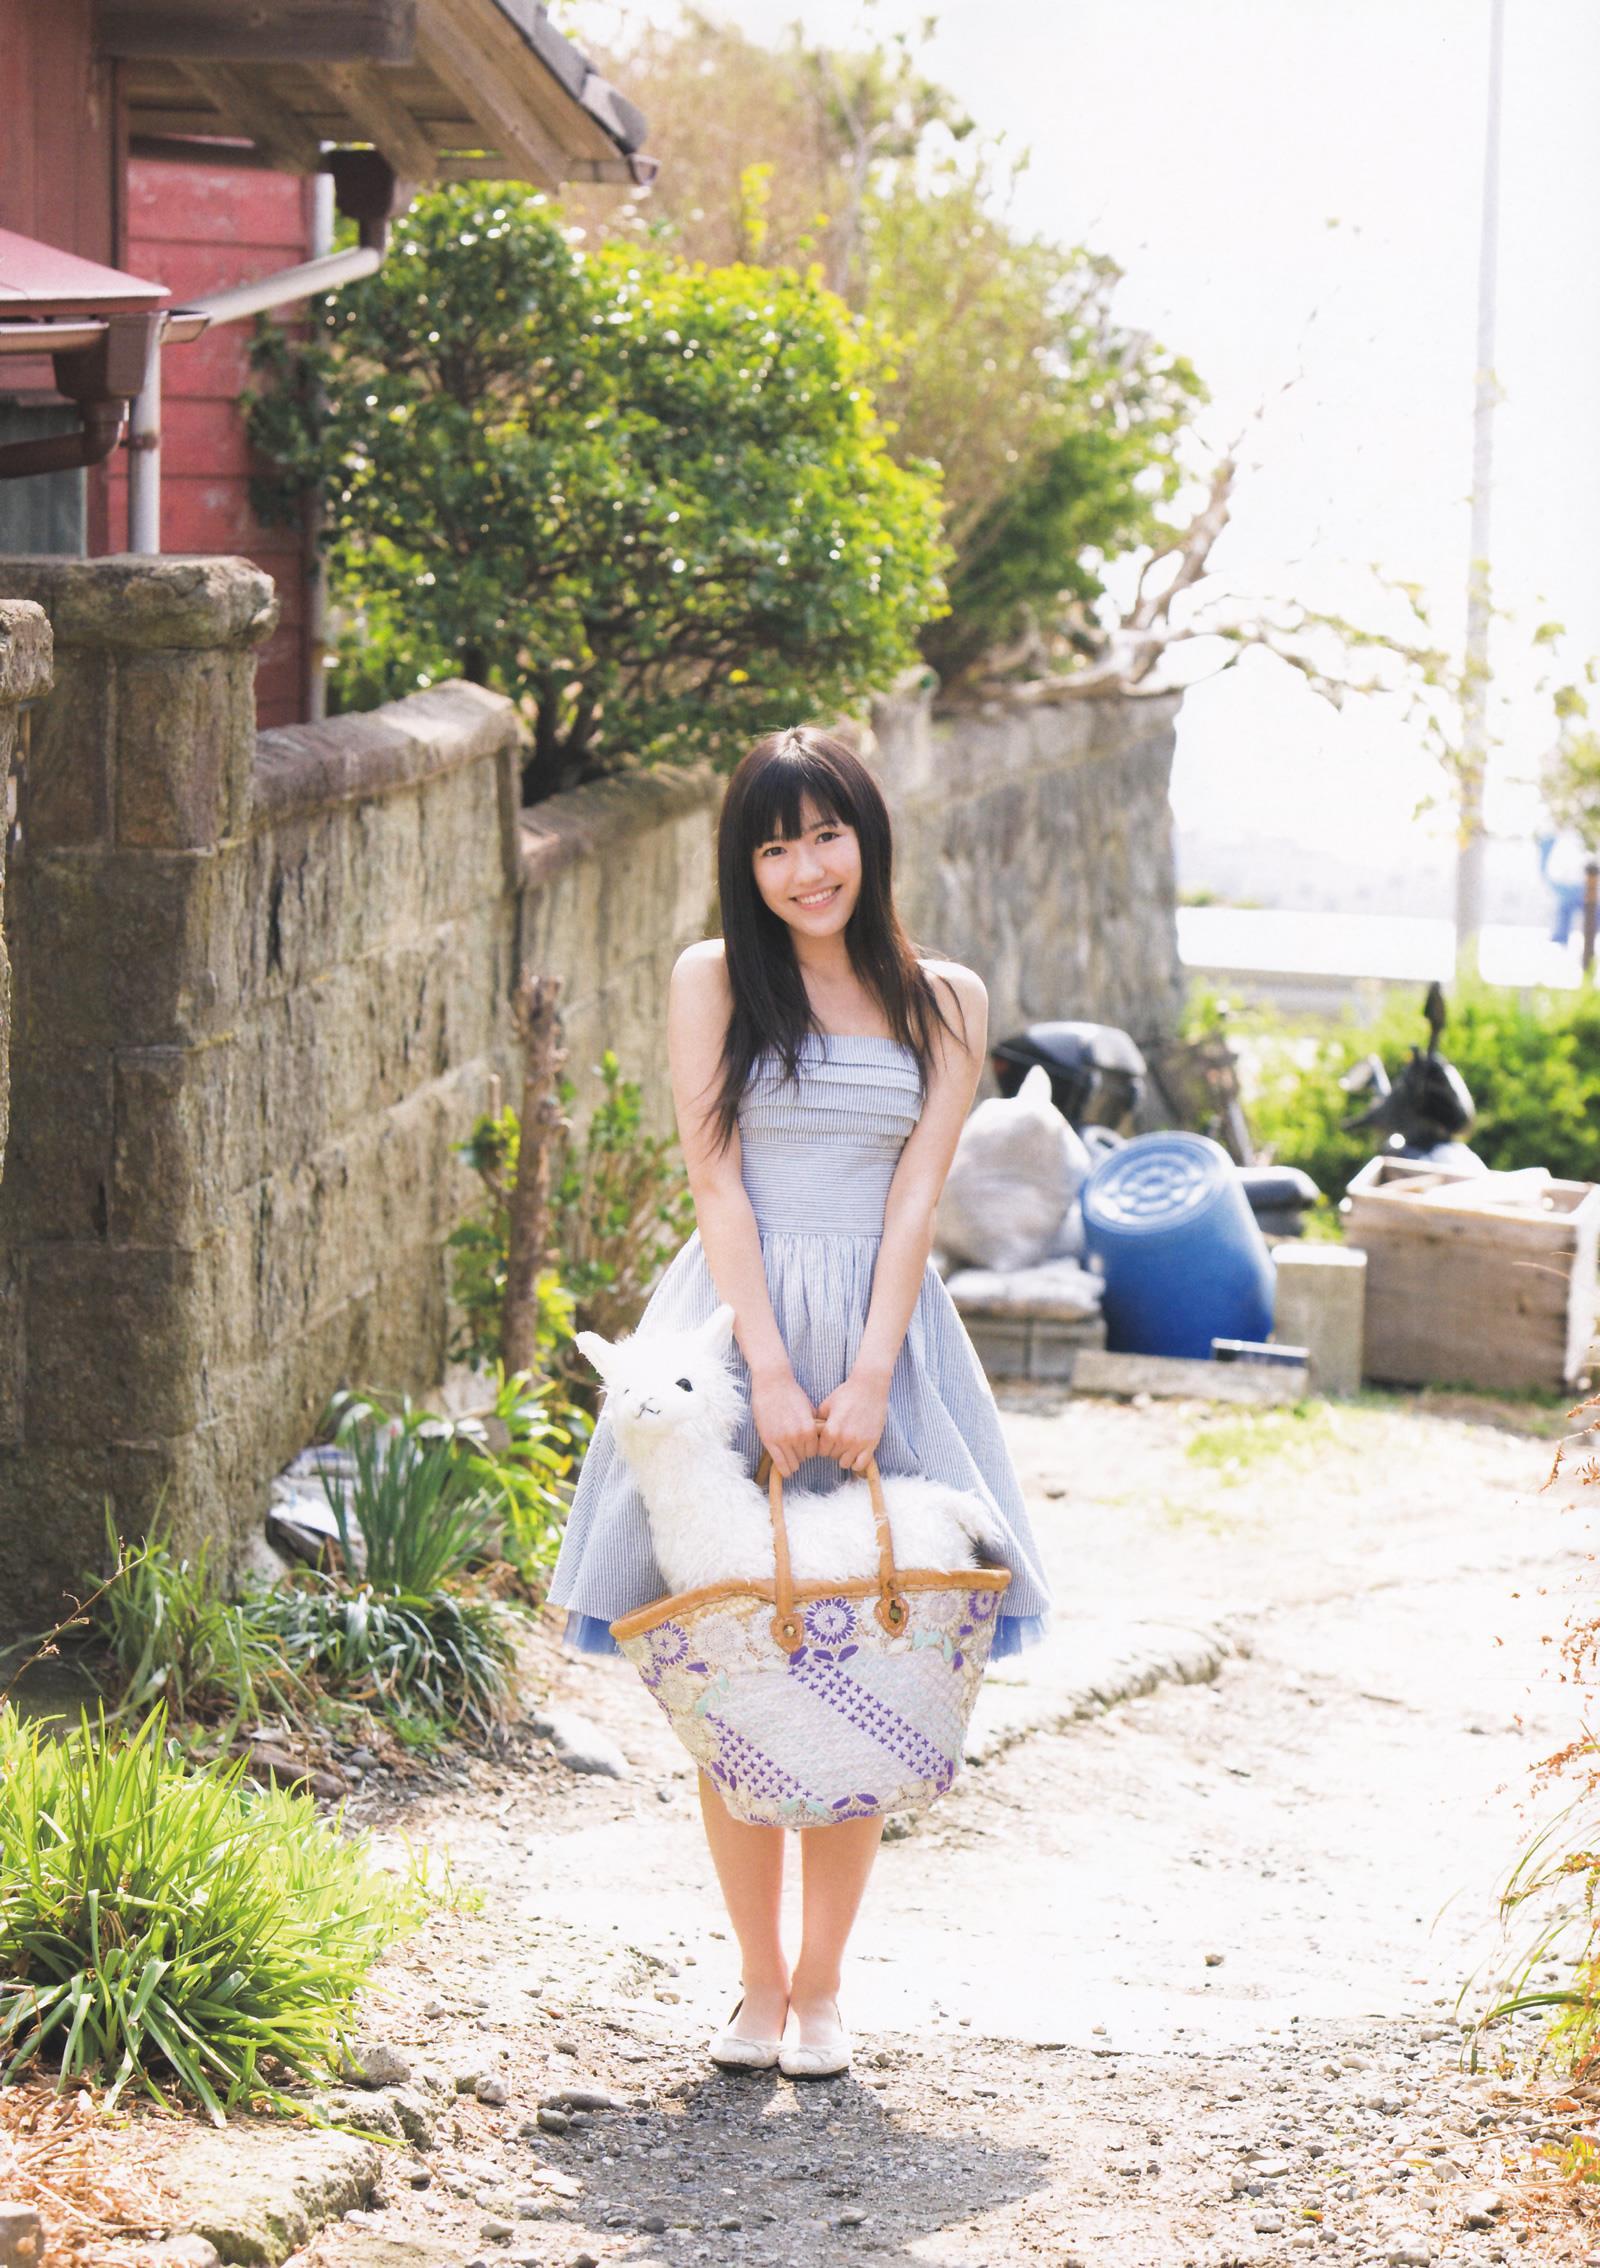 渡辺麻友 写真集「まゆゆ」 画像 76